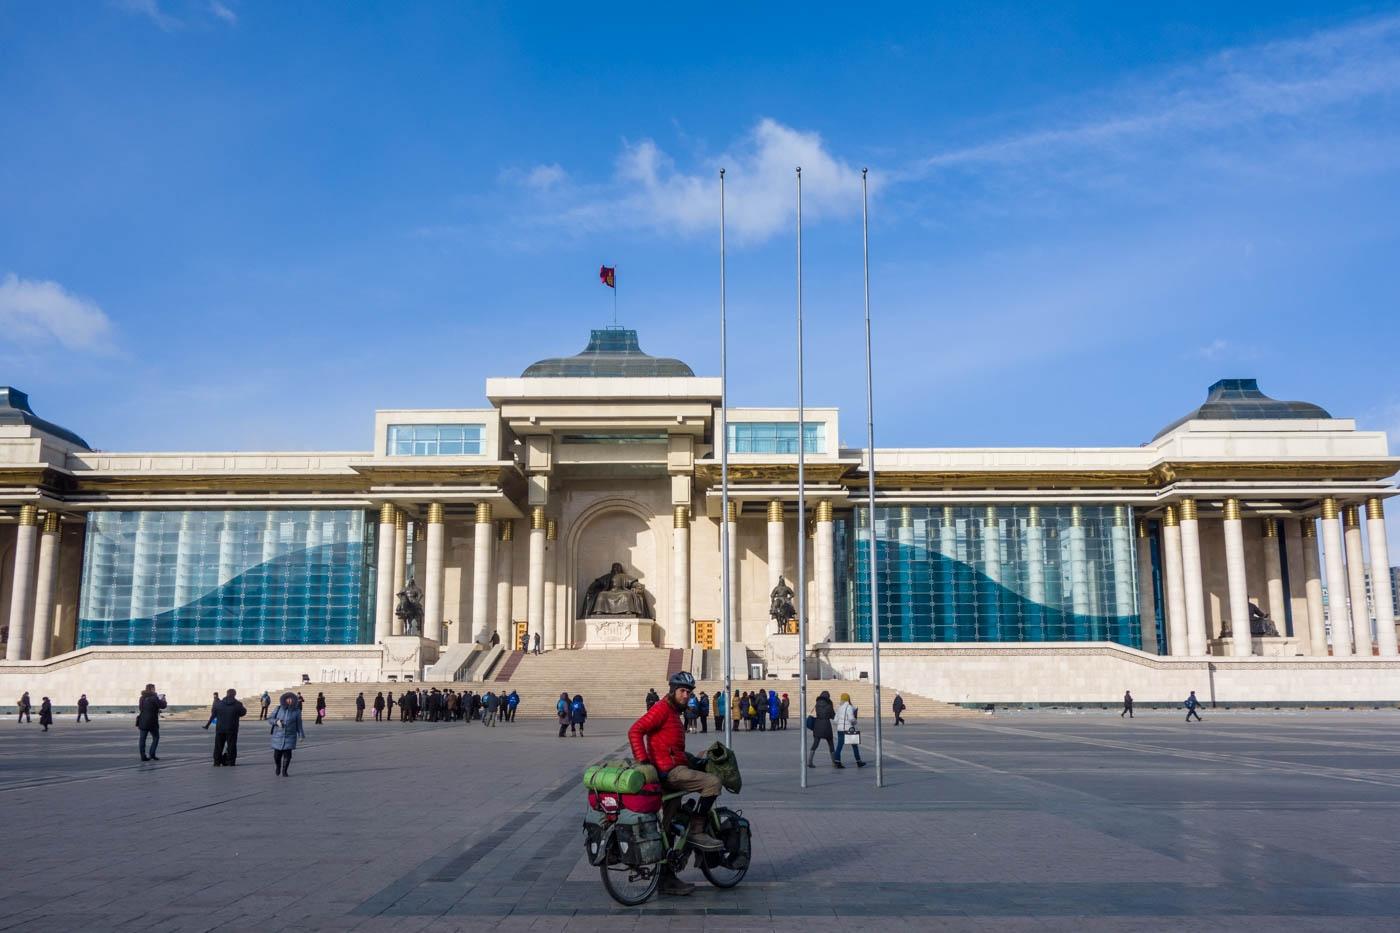 Martin in Ulaanbaatar